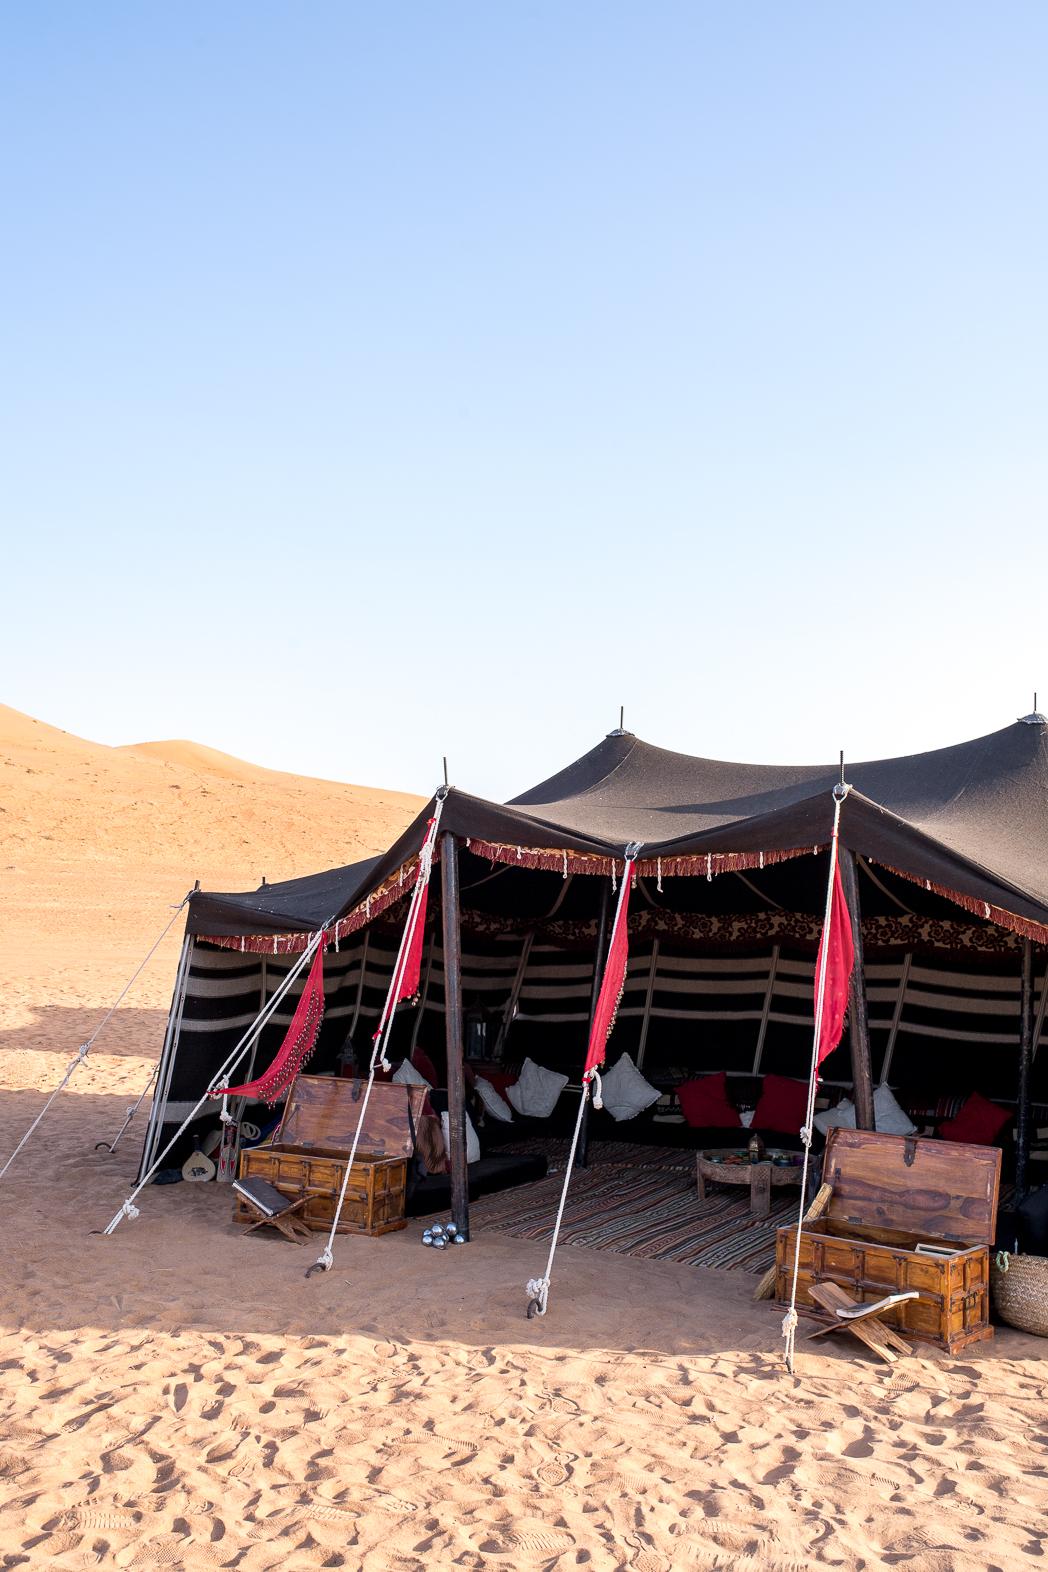 Stacie Flinner Hud Hud Travels Glamping Oman-1.jpg